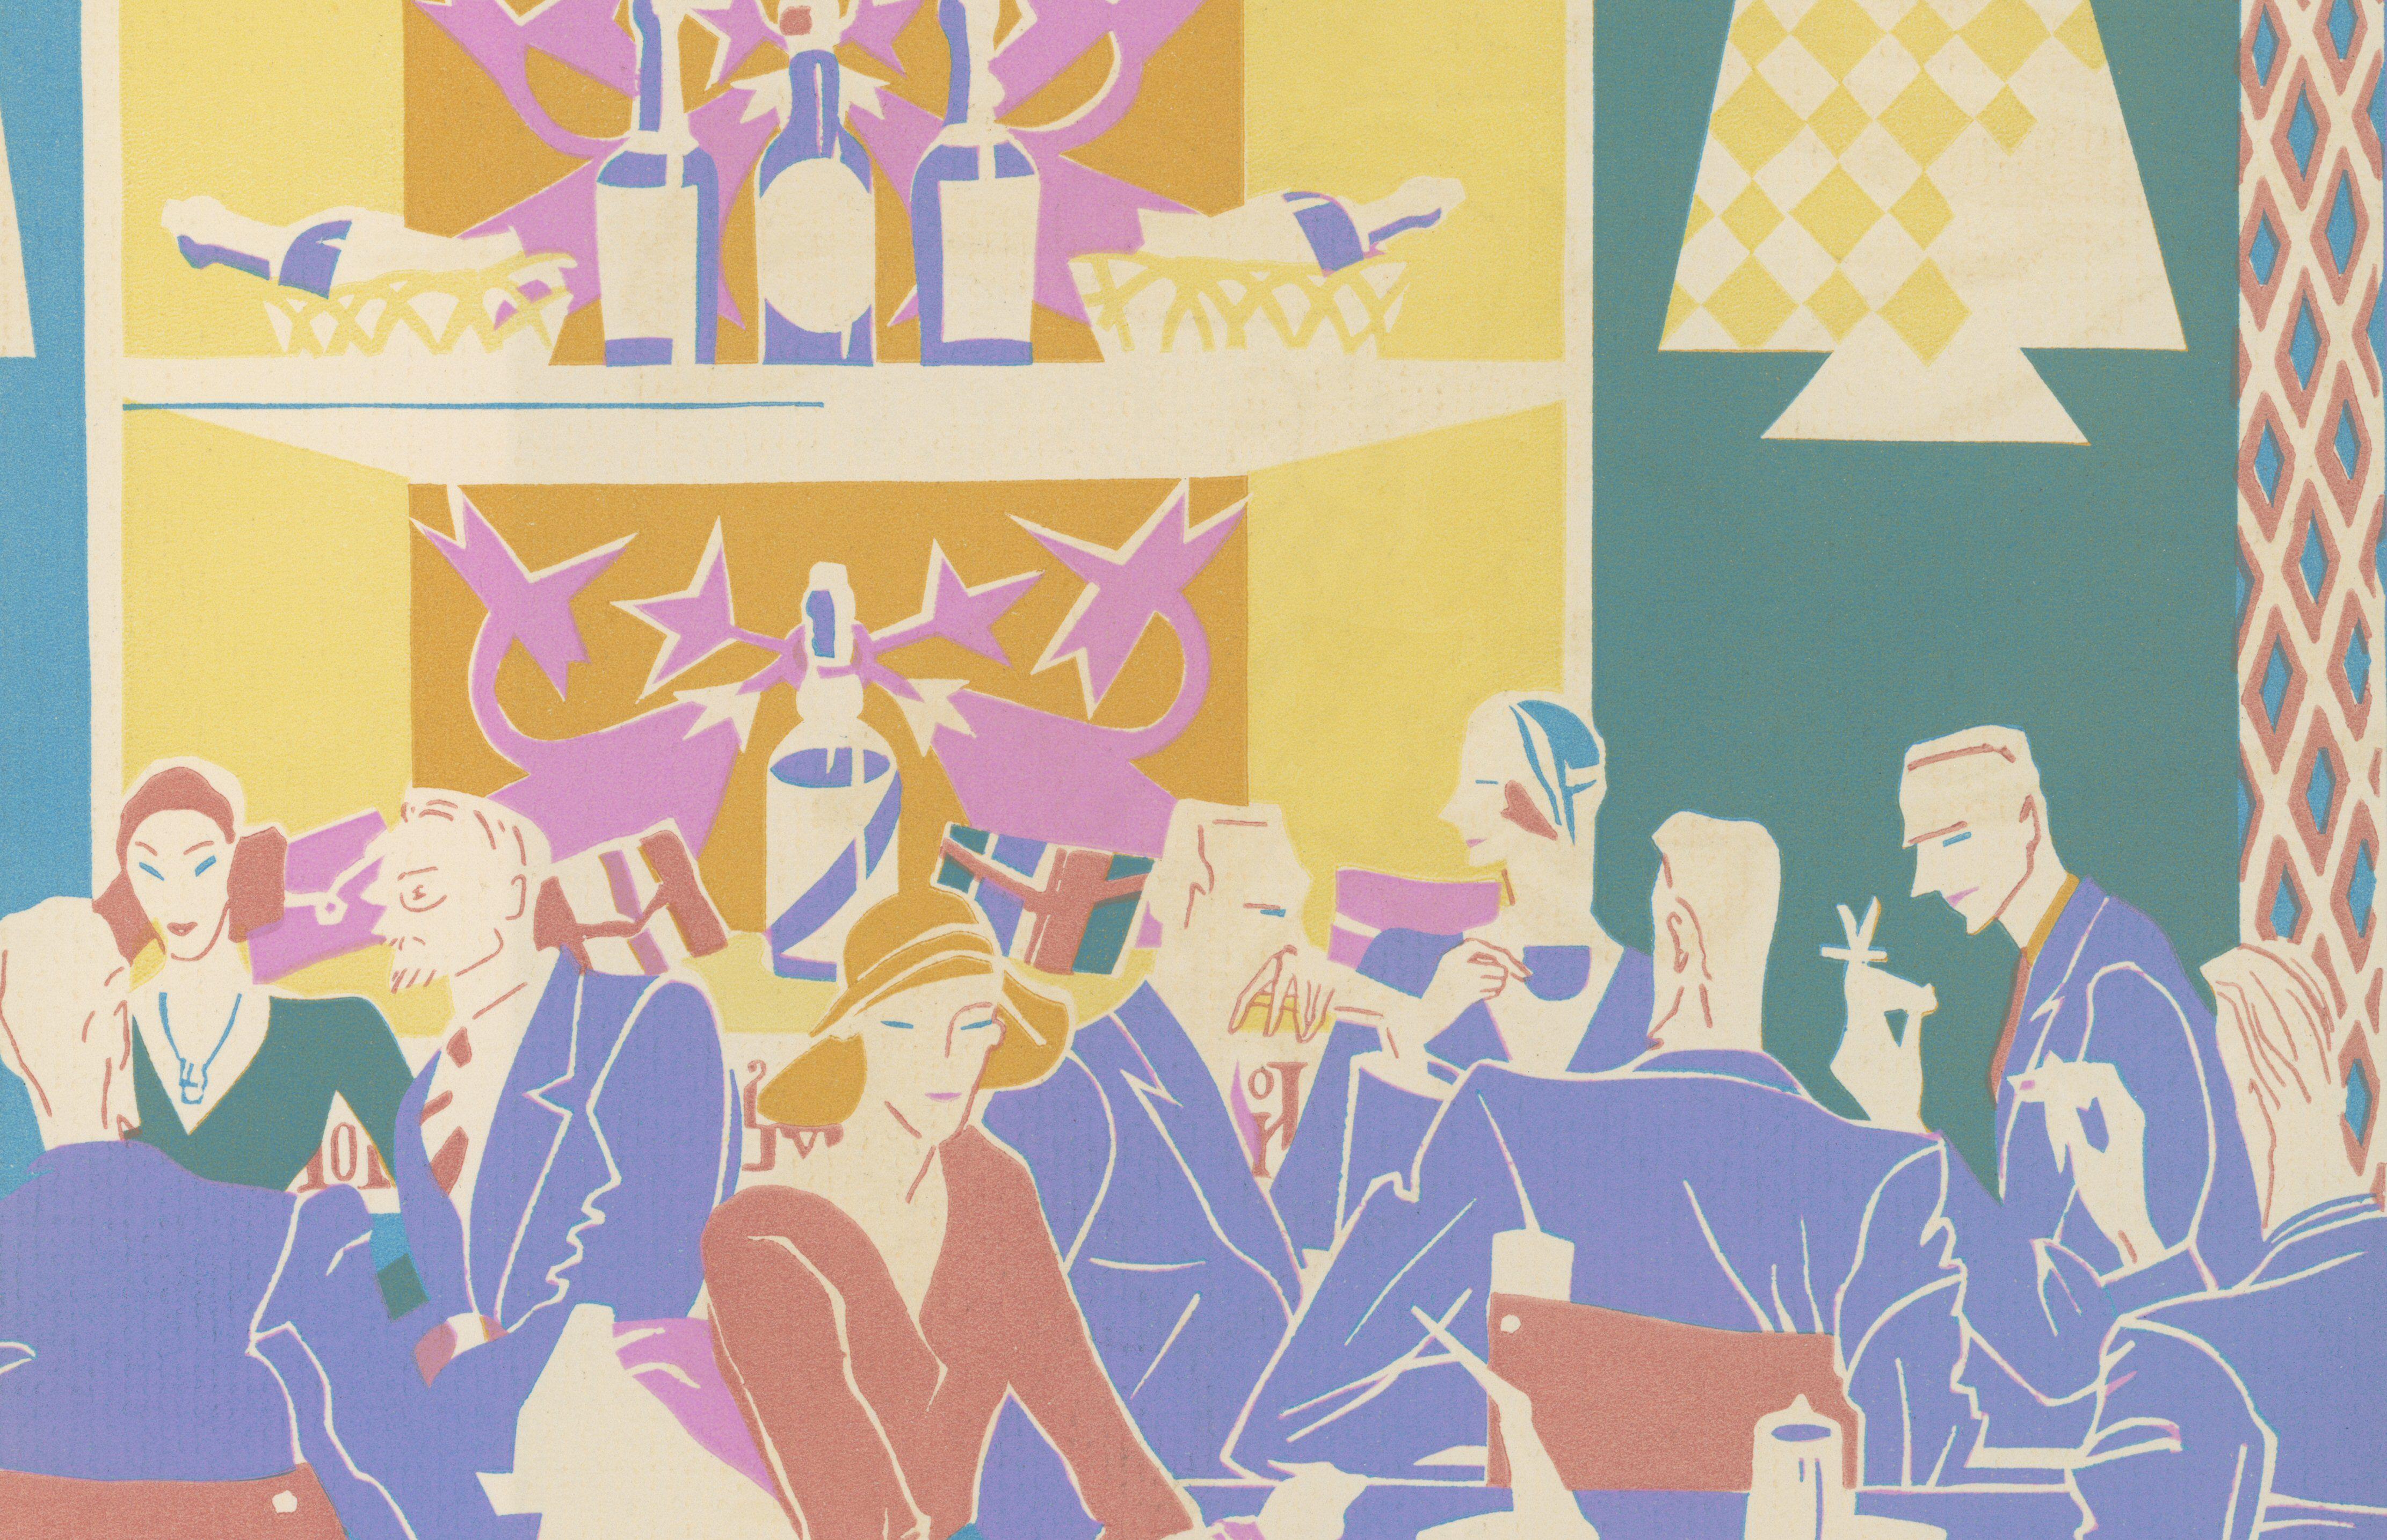 Historische Siebdruckillustration von 1931 von Gästen, die an Tischen in einem Jazzclub im Art-Deco-Stil sitzen